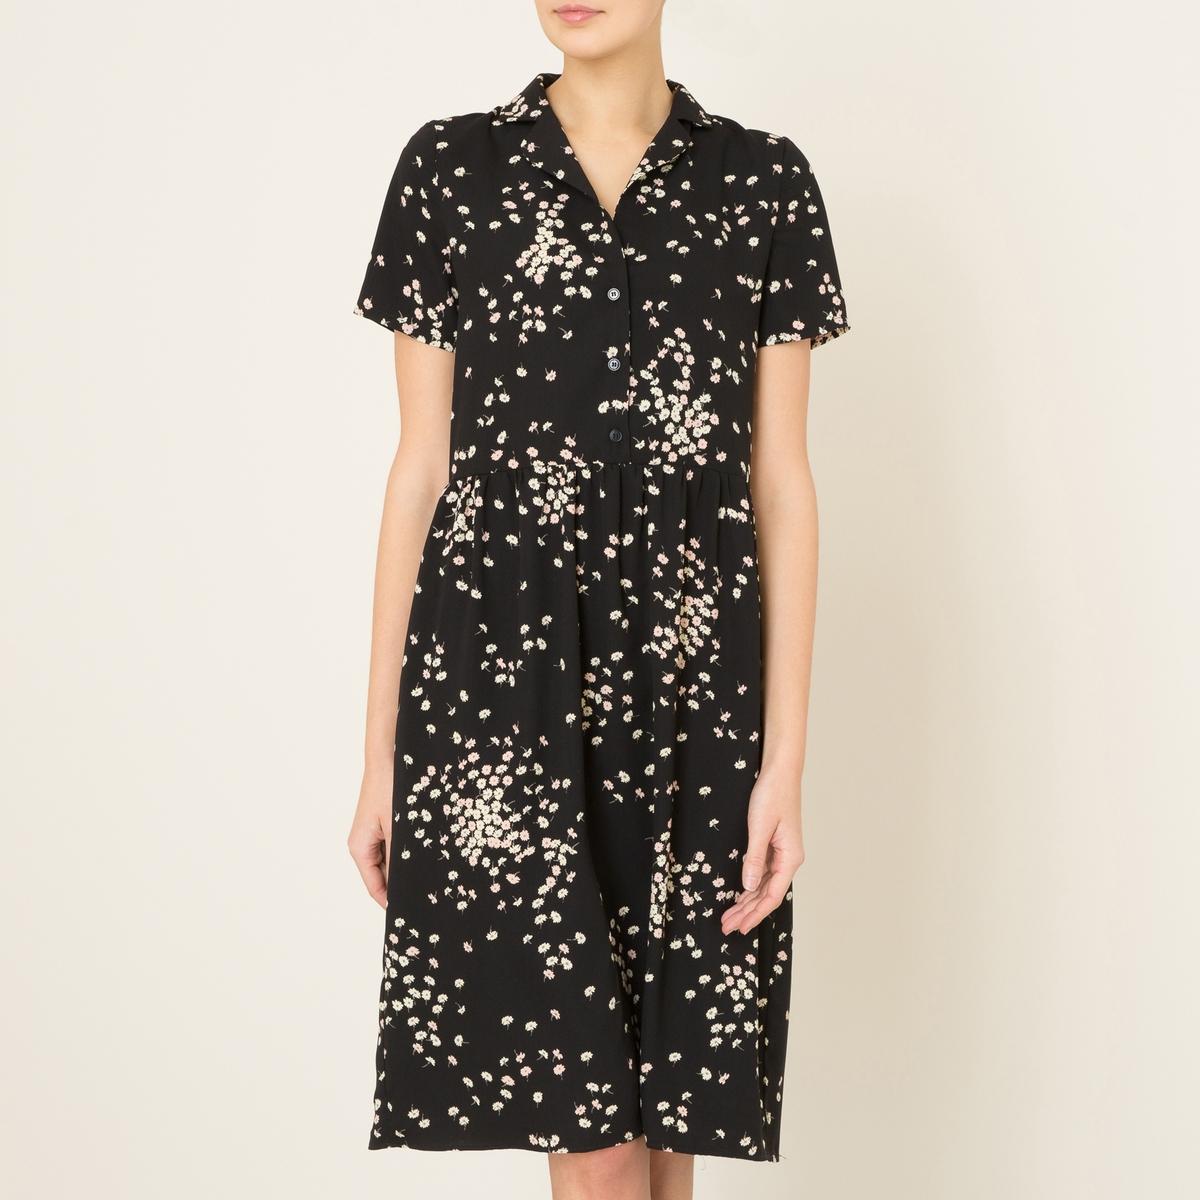 Платье ABBESSEСостав и описание Материал : 100% полиэстерДлина : ок.100 см. (для размера S)Марка : LA BRAND BOUTIQUE<br><br>Цвет: рисунок черный